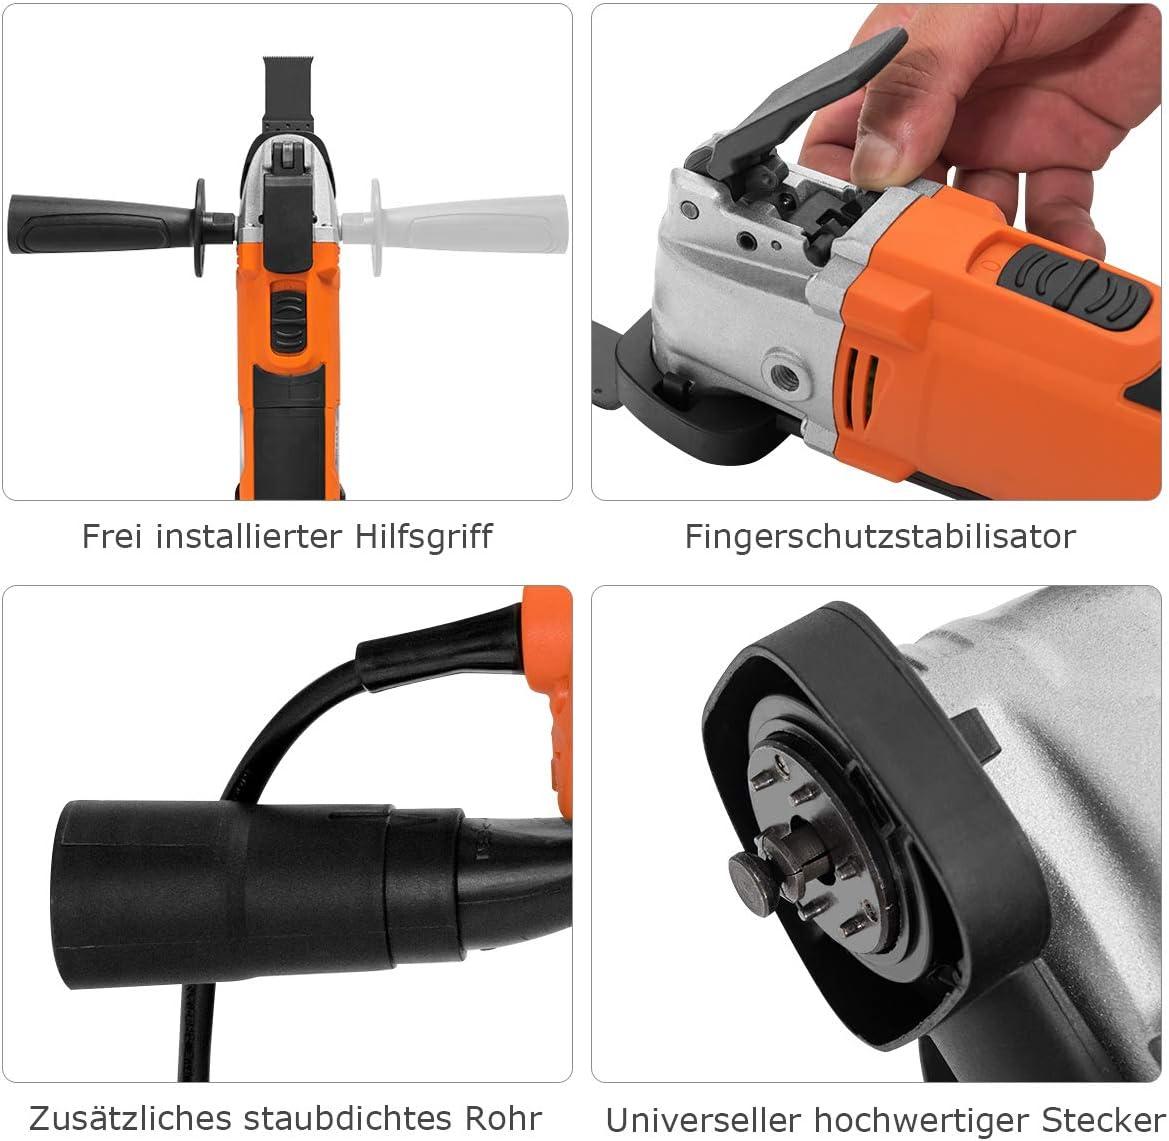 6 Geschwindigkeitstufen COSTWAY Multifunktionswerkzeug mit 14 Teilen Oszillationswerkzeug Oszillierer Multitool elektrischer Multi-Cutter 3/° Oszillationswinkel 15000-23000rpm 300W